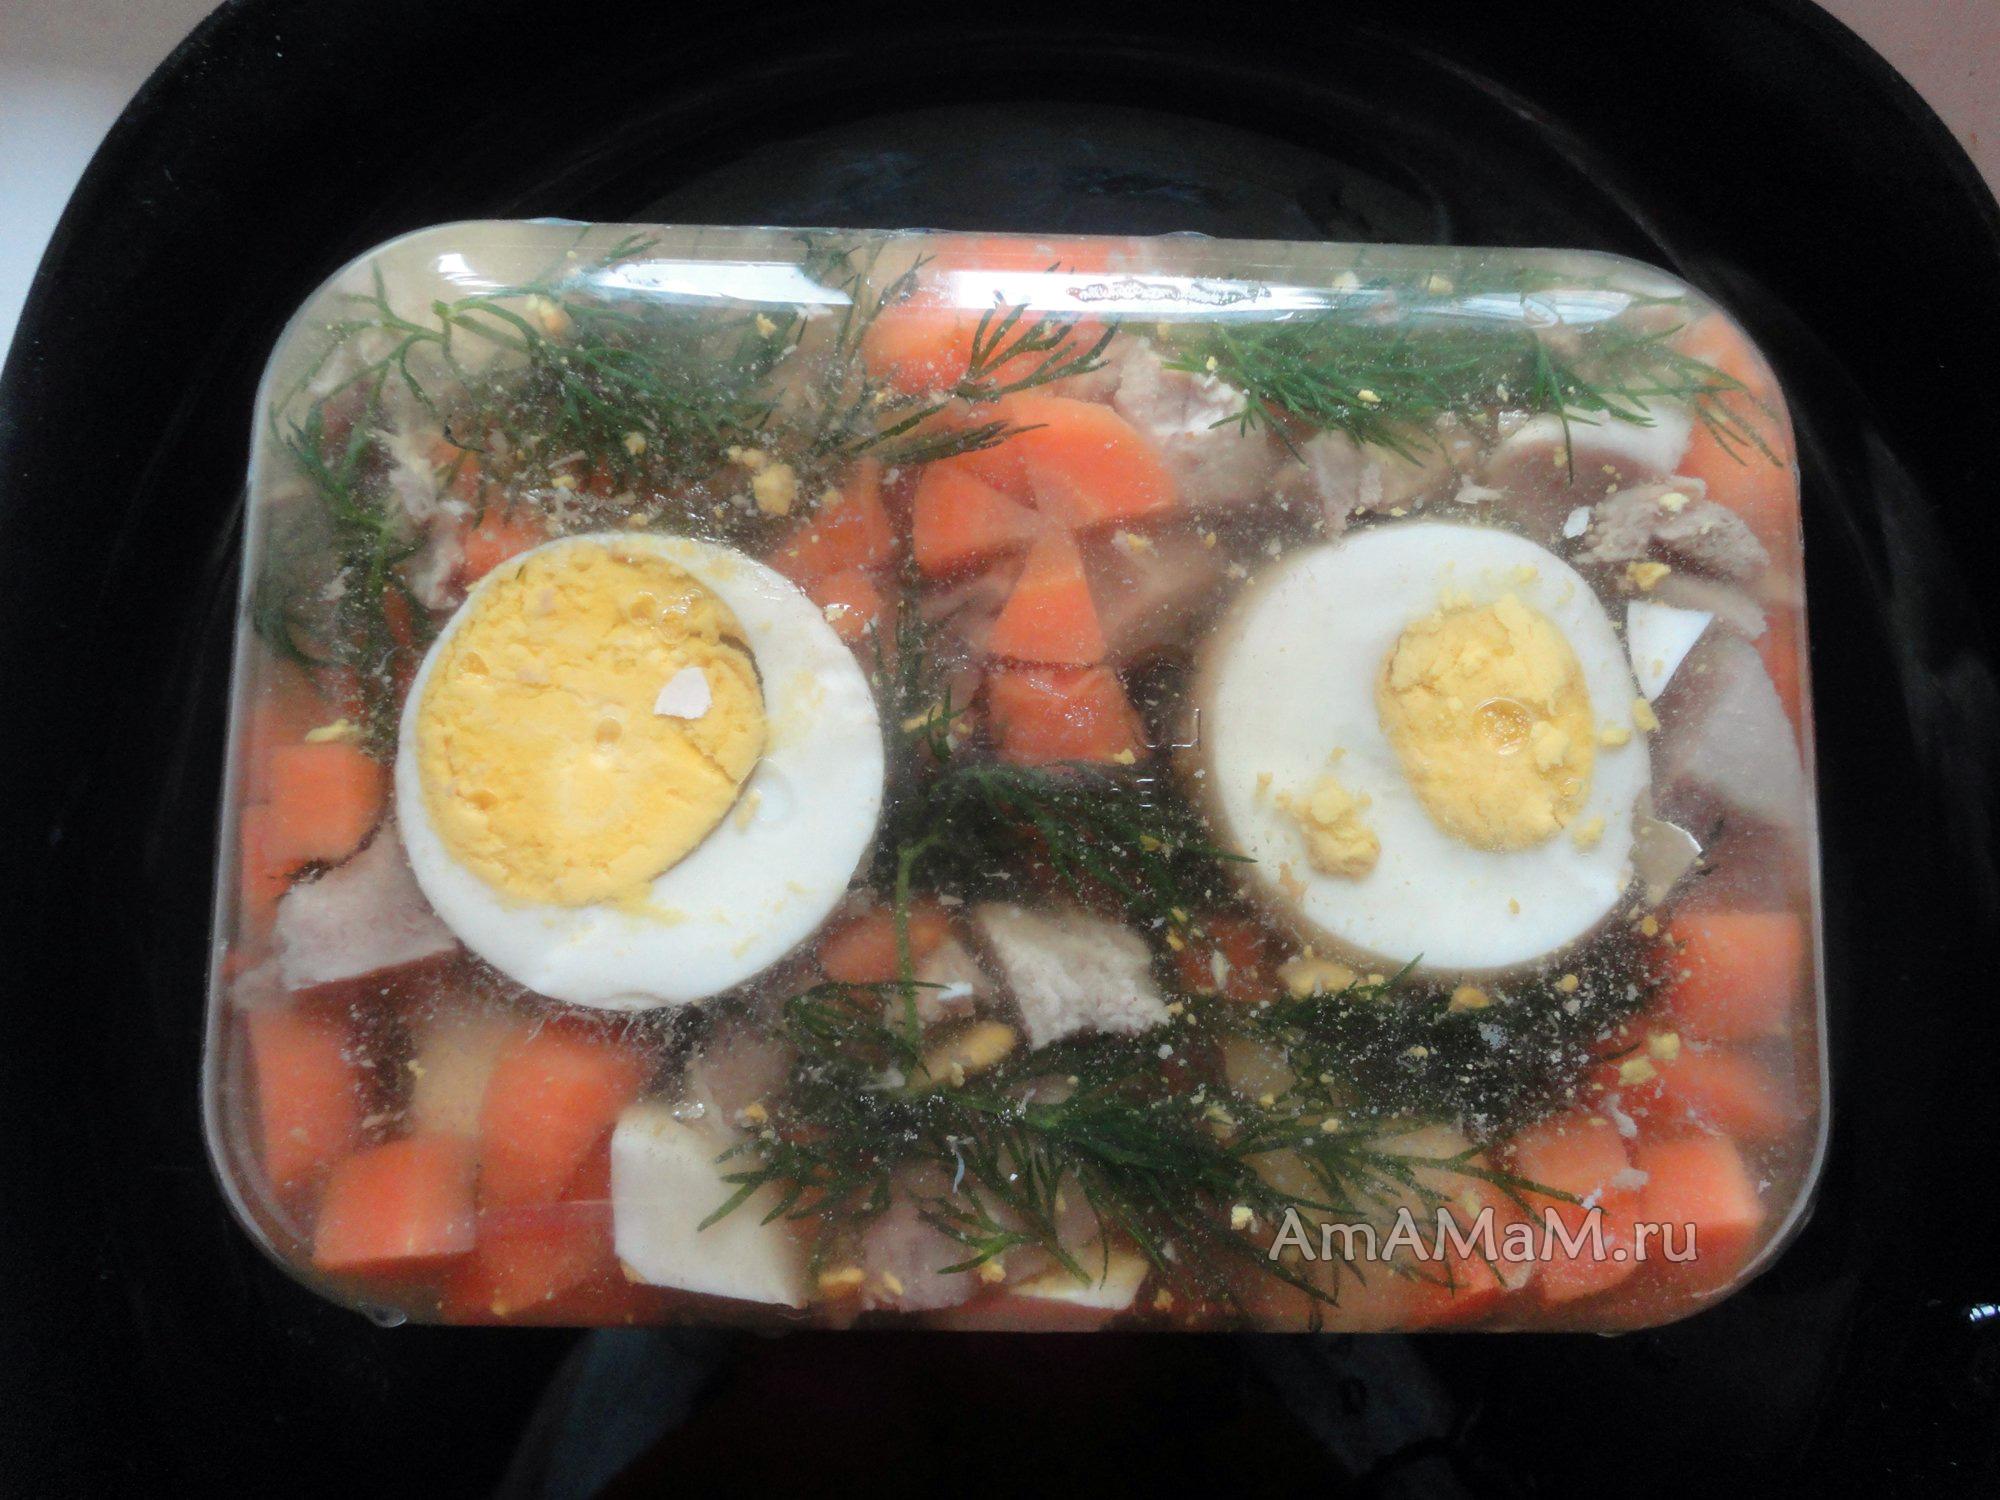 Как приготовить шарики из мяса и риса